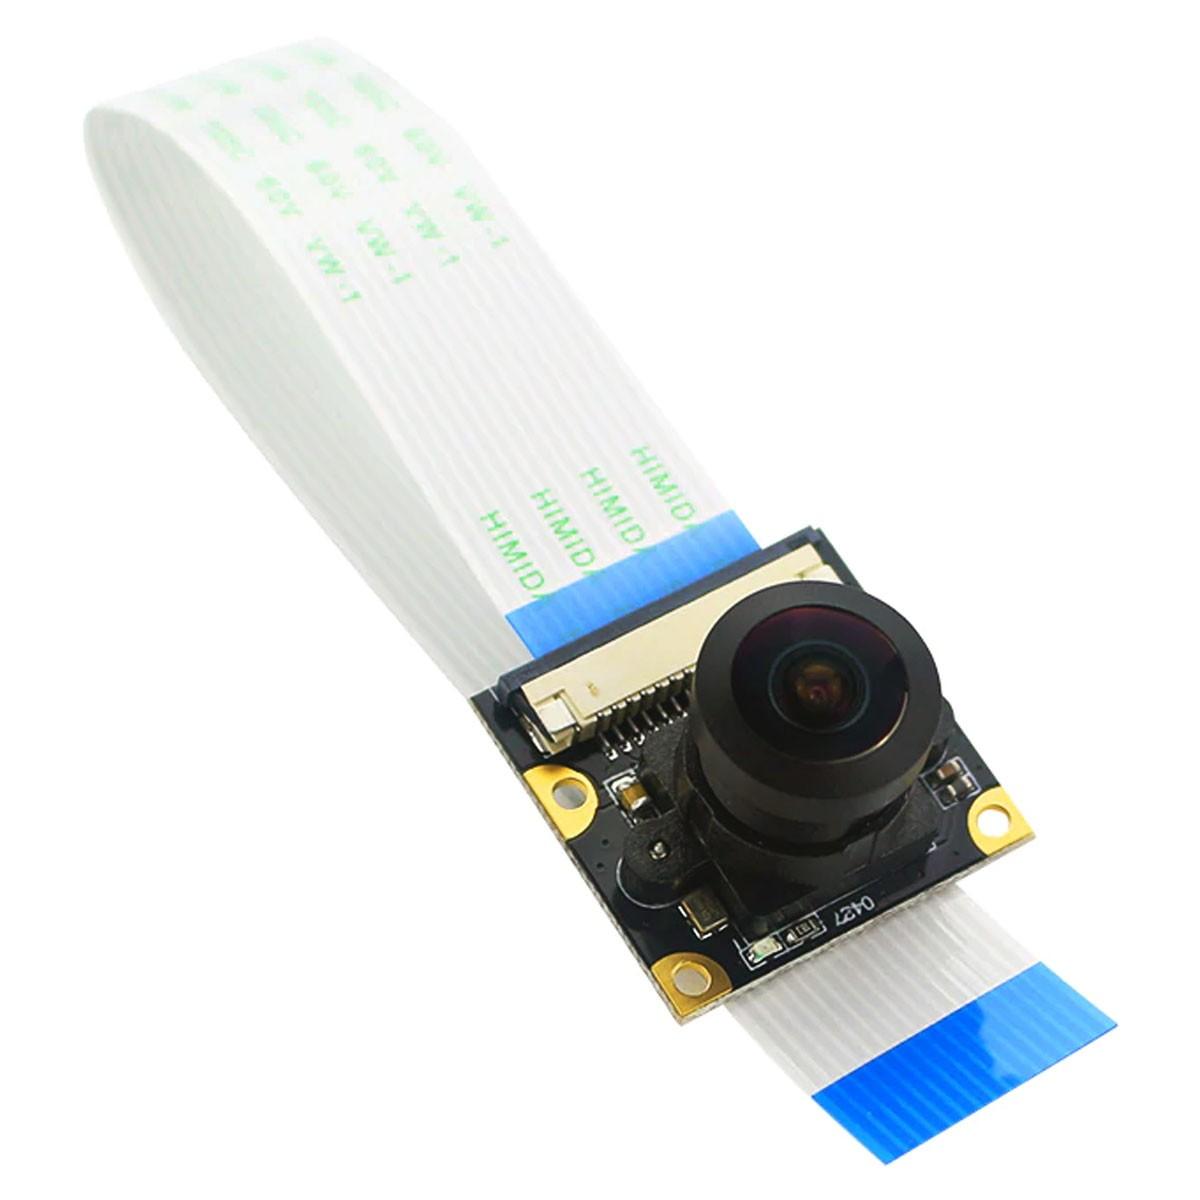 Módulo Câmera 8mp 160 Grau Imx219 Para Jetson Nano